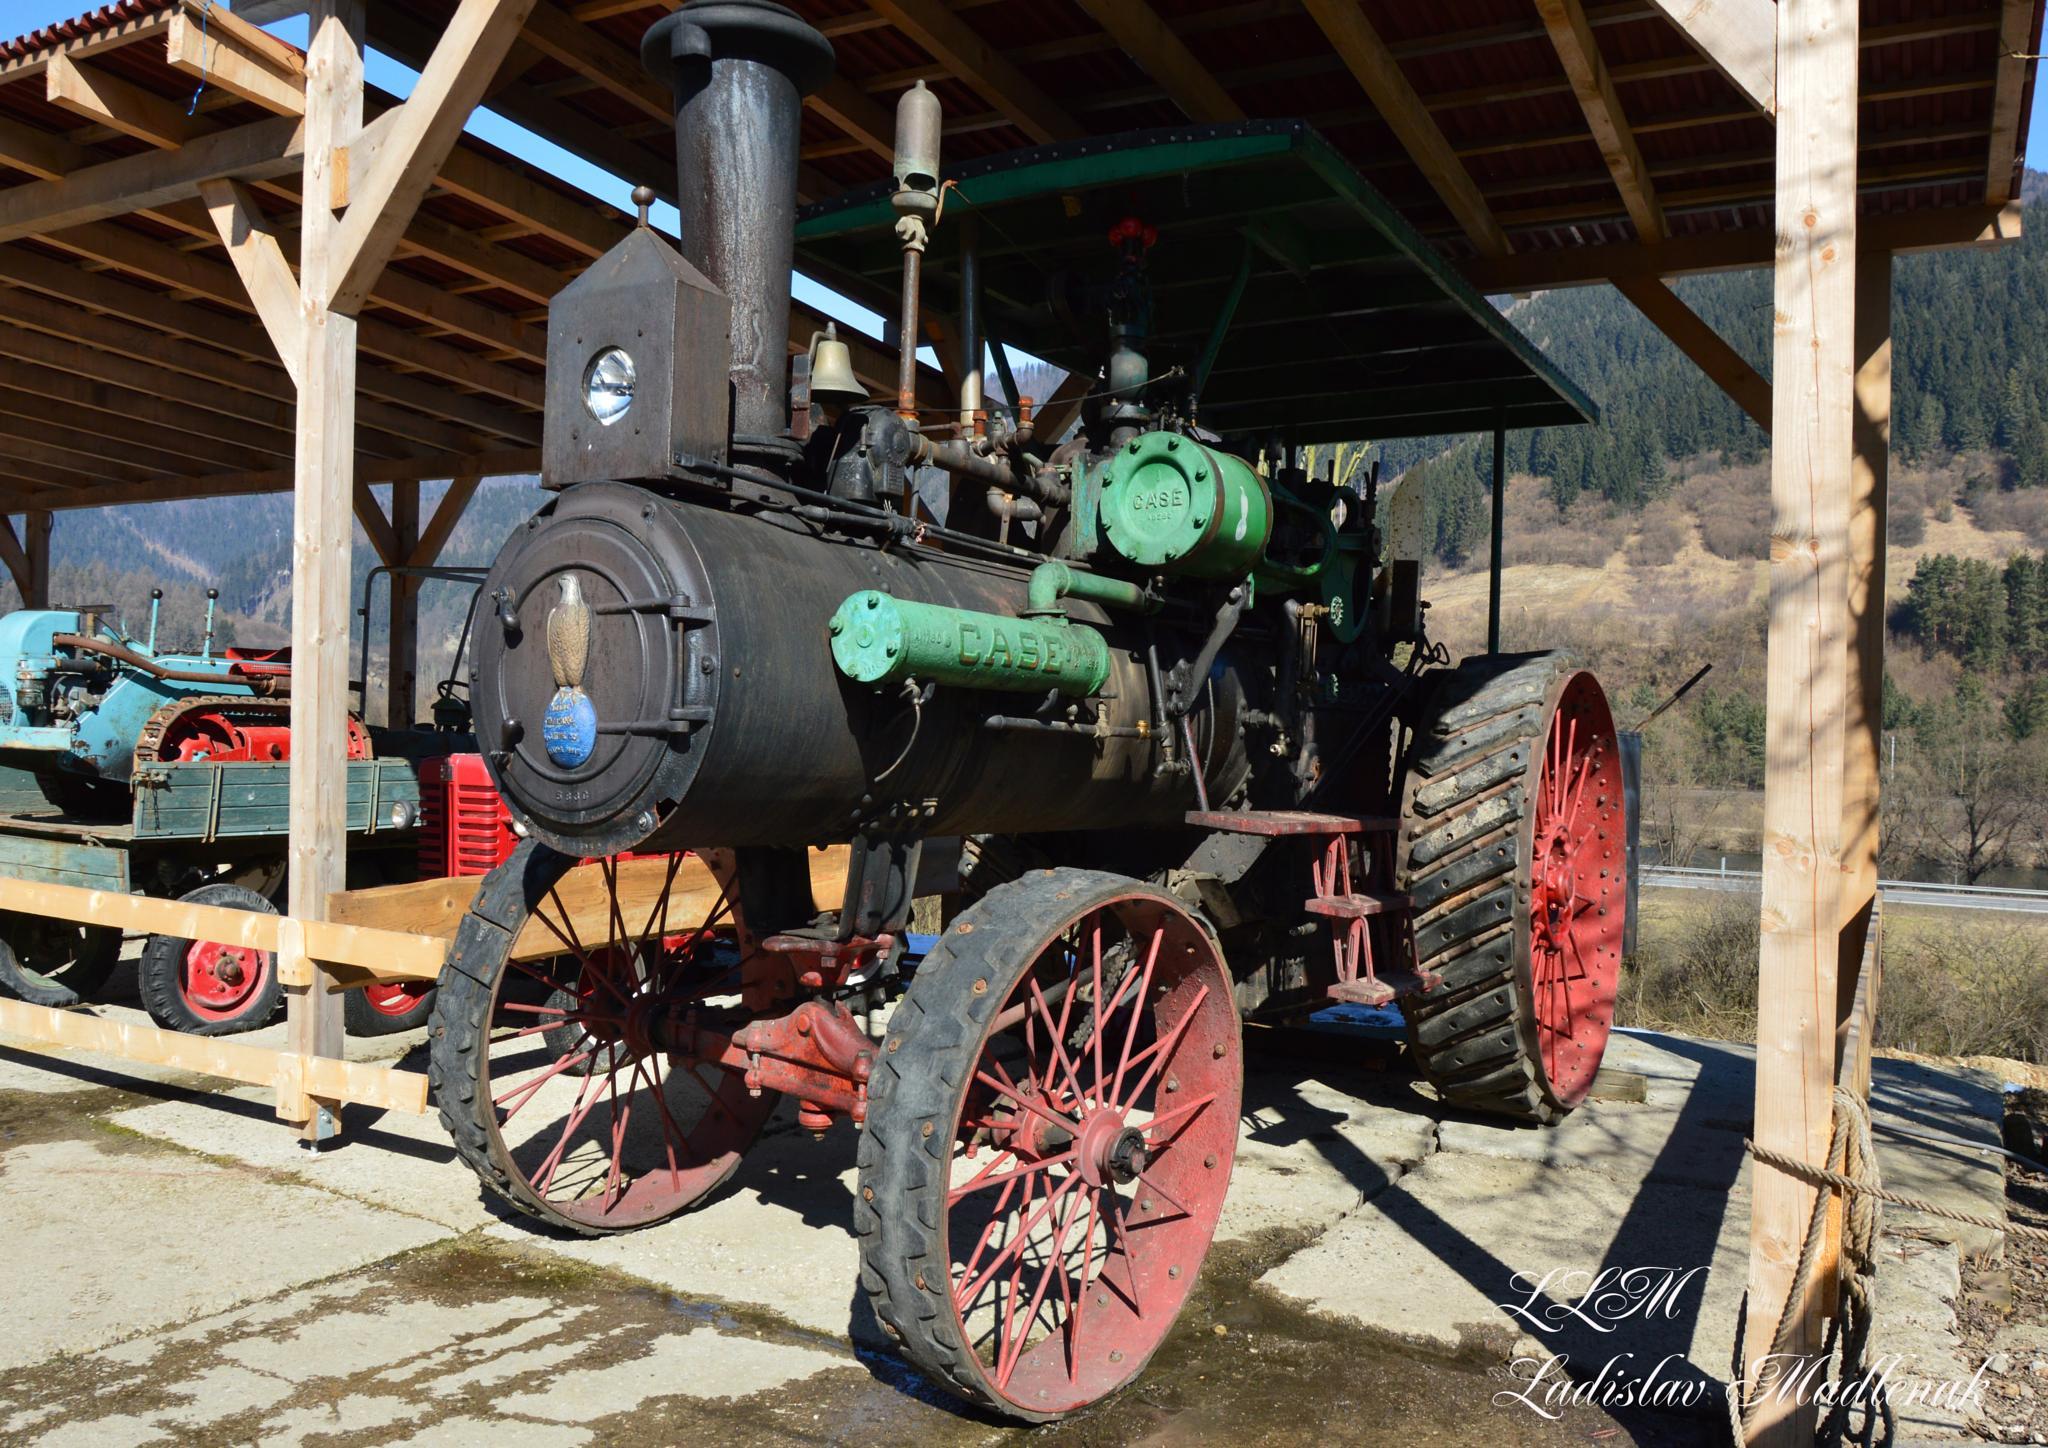 Old timer tractor by LLadislav Madlenak